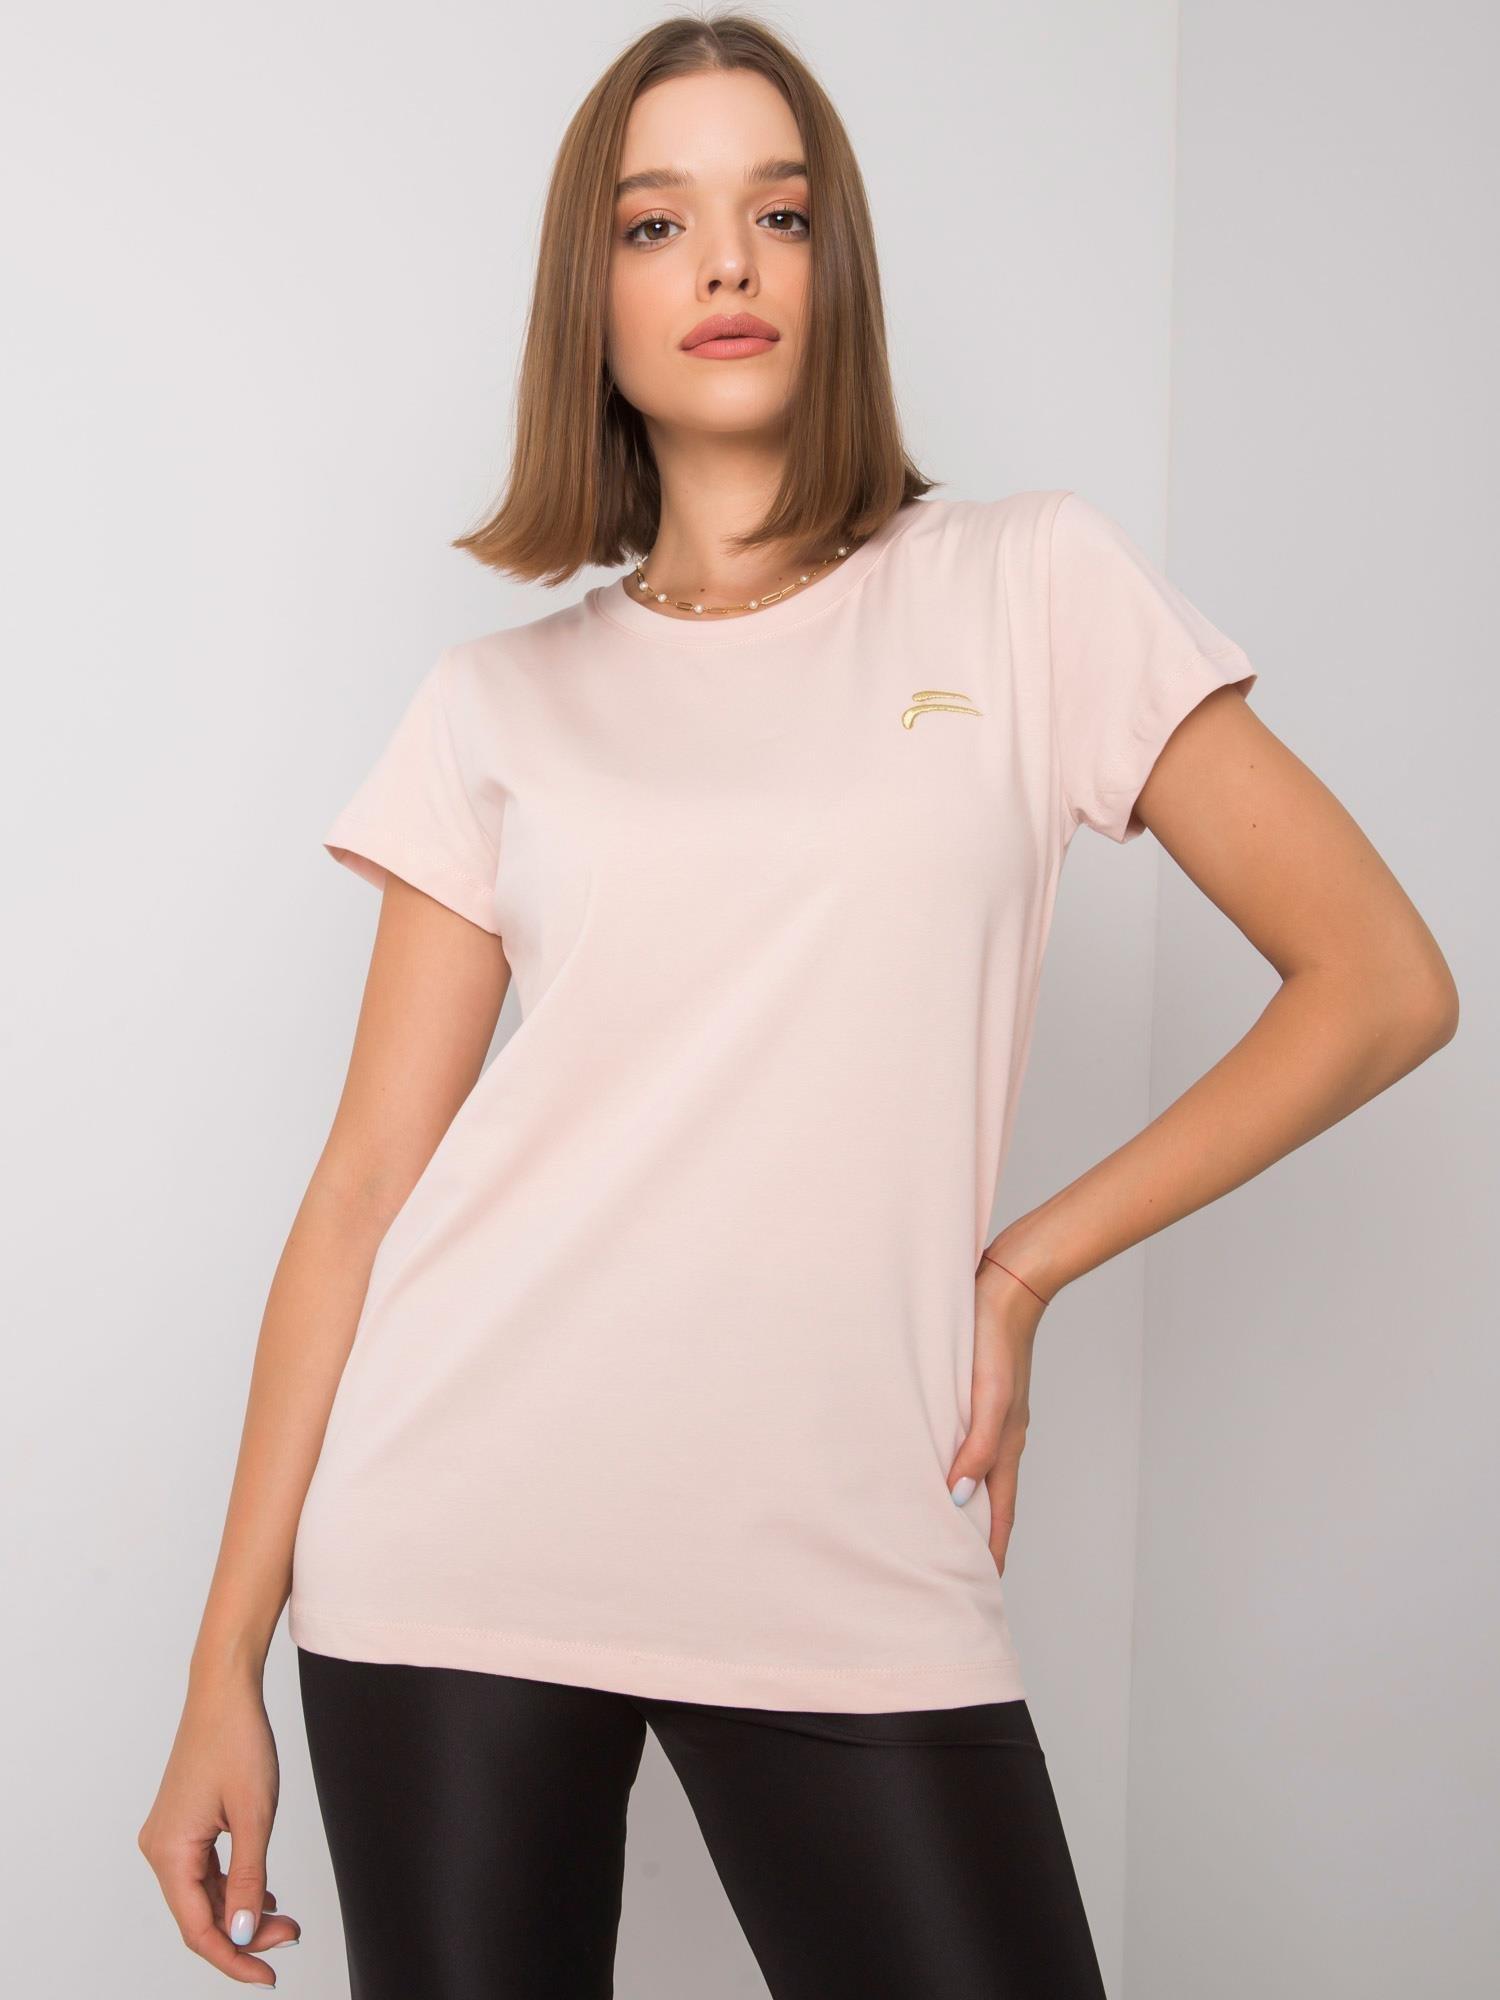 FOR FITNESS Světle růžové sportovní tričko